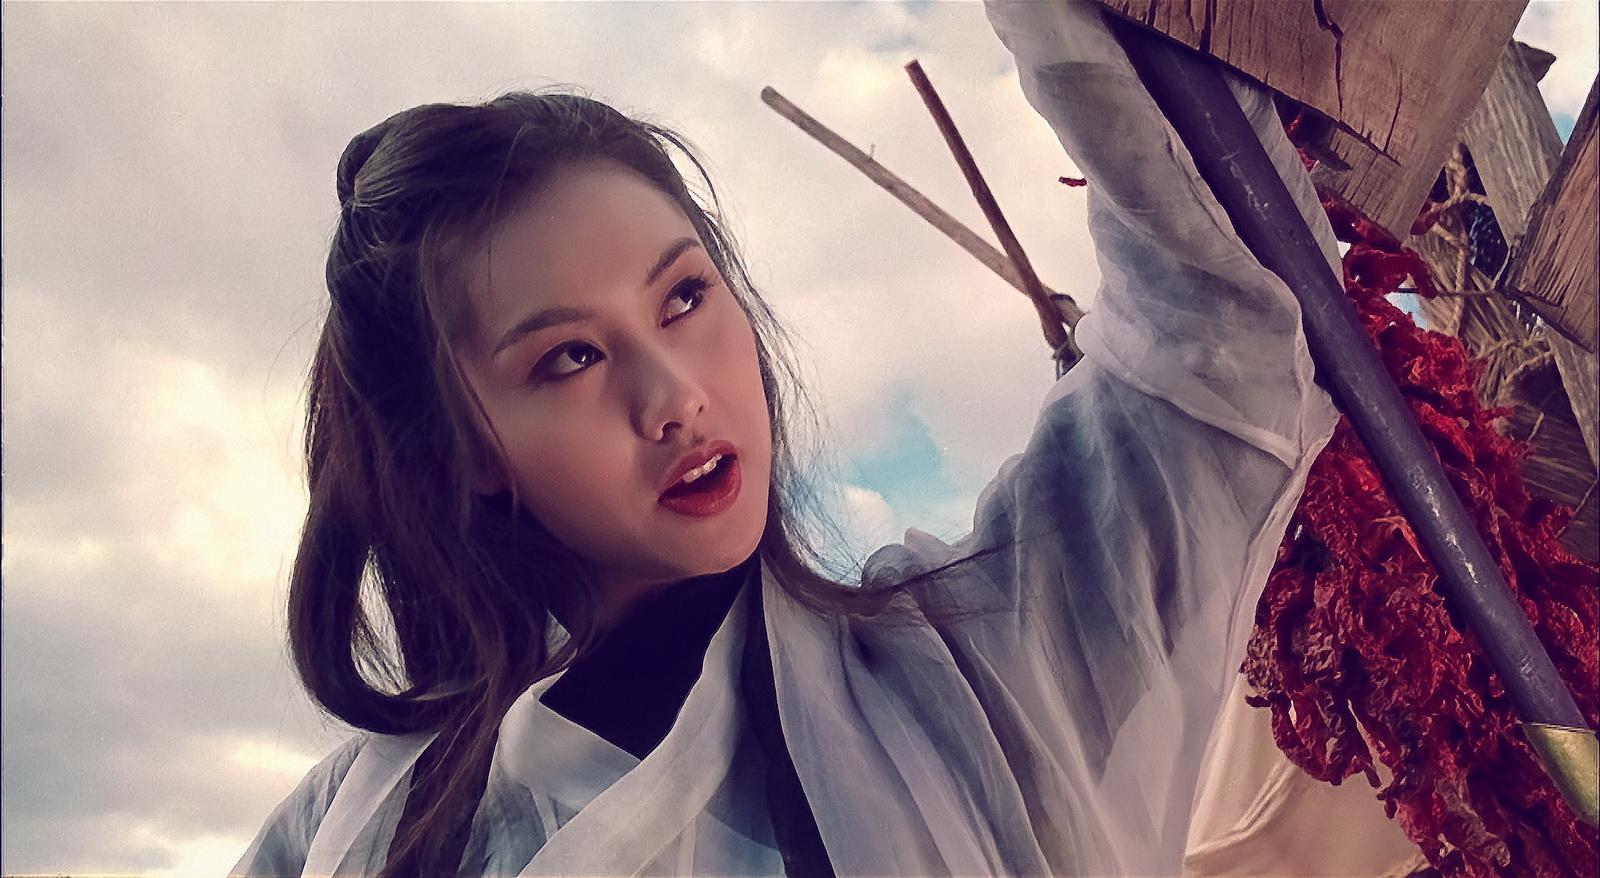 大话西游-紫霞仙子1